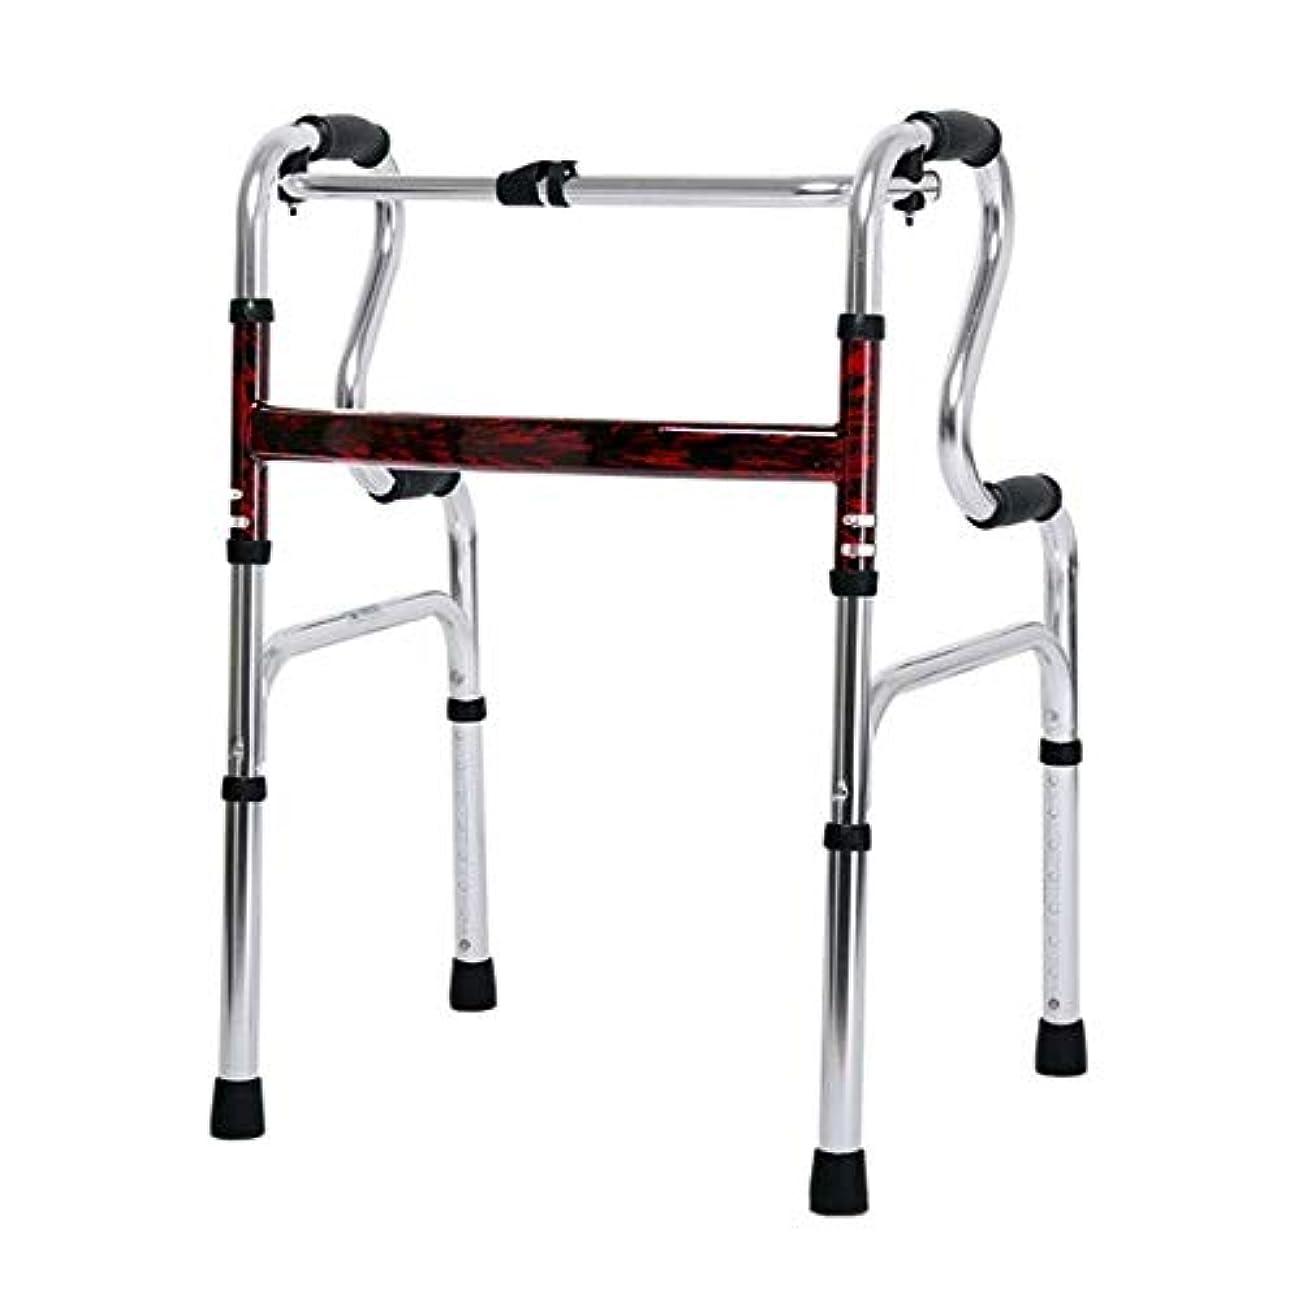 ピボット自治的誠意リハビリテーション歩行器、多機能高齢者歩行ブラケット、身体障害者用両腕歩行器 (Color : 銀)